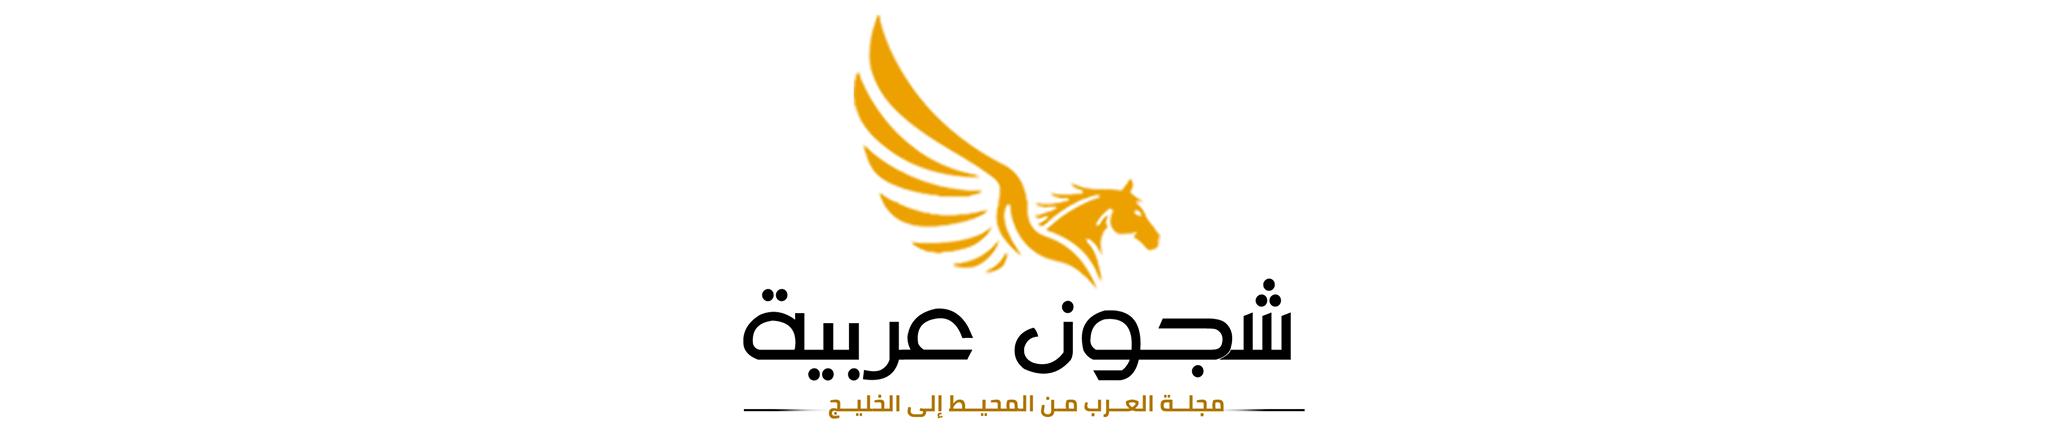 شجون عربية